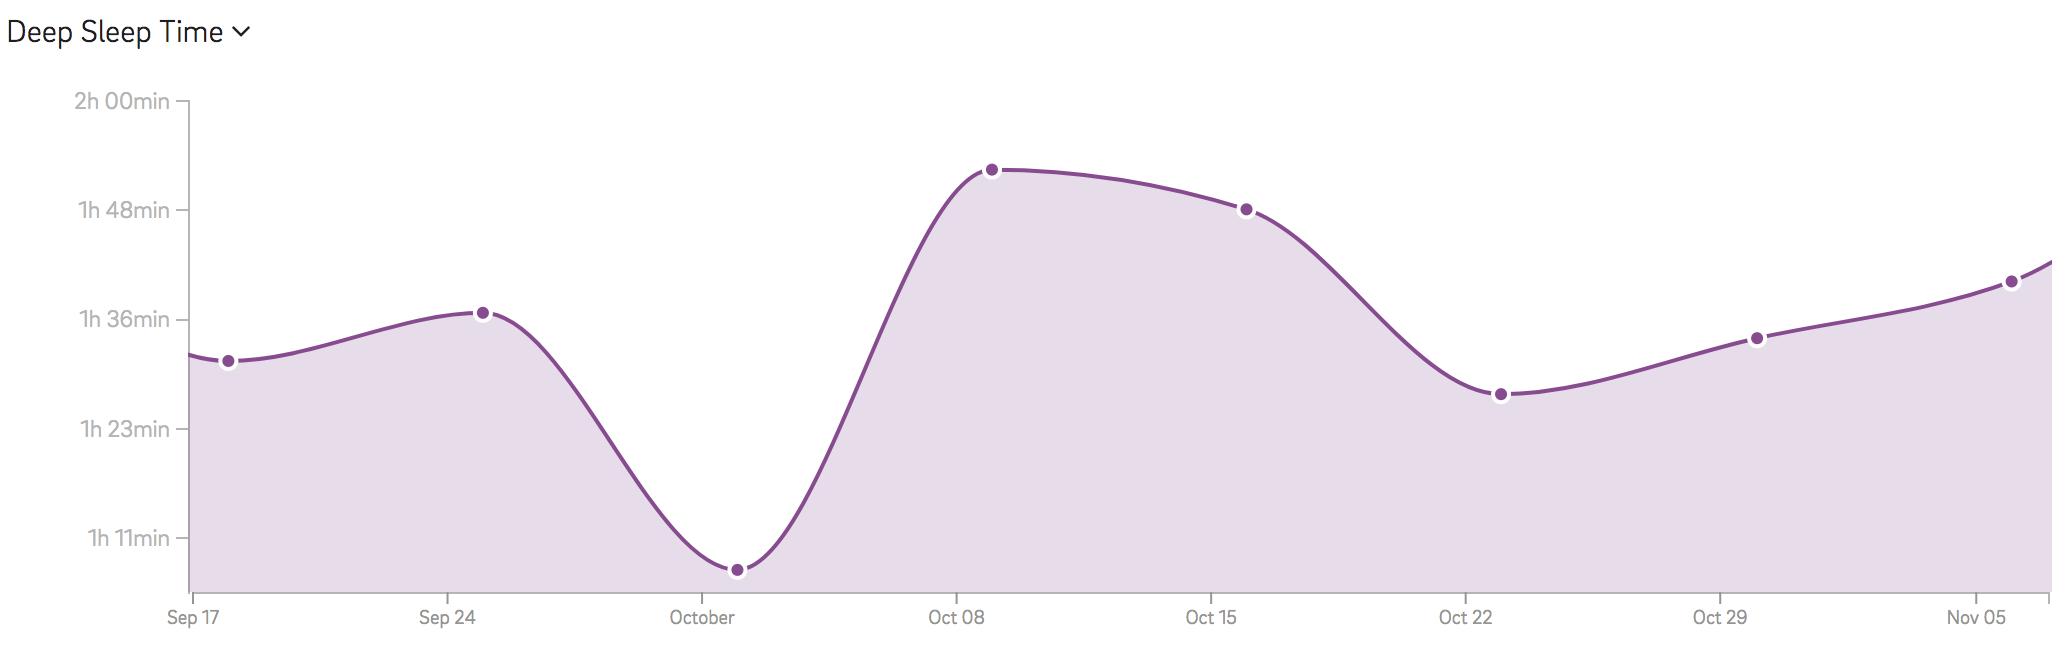 weekly deep sleep graph